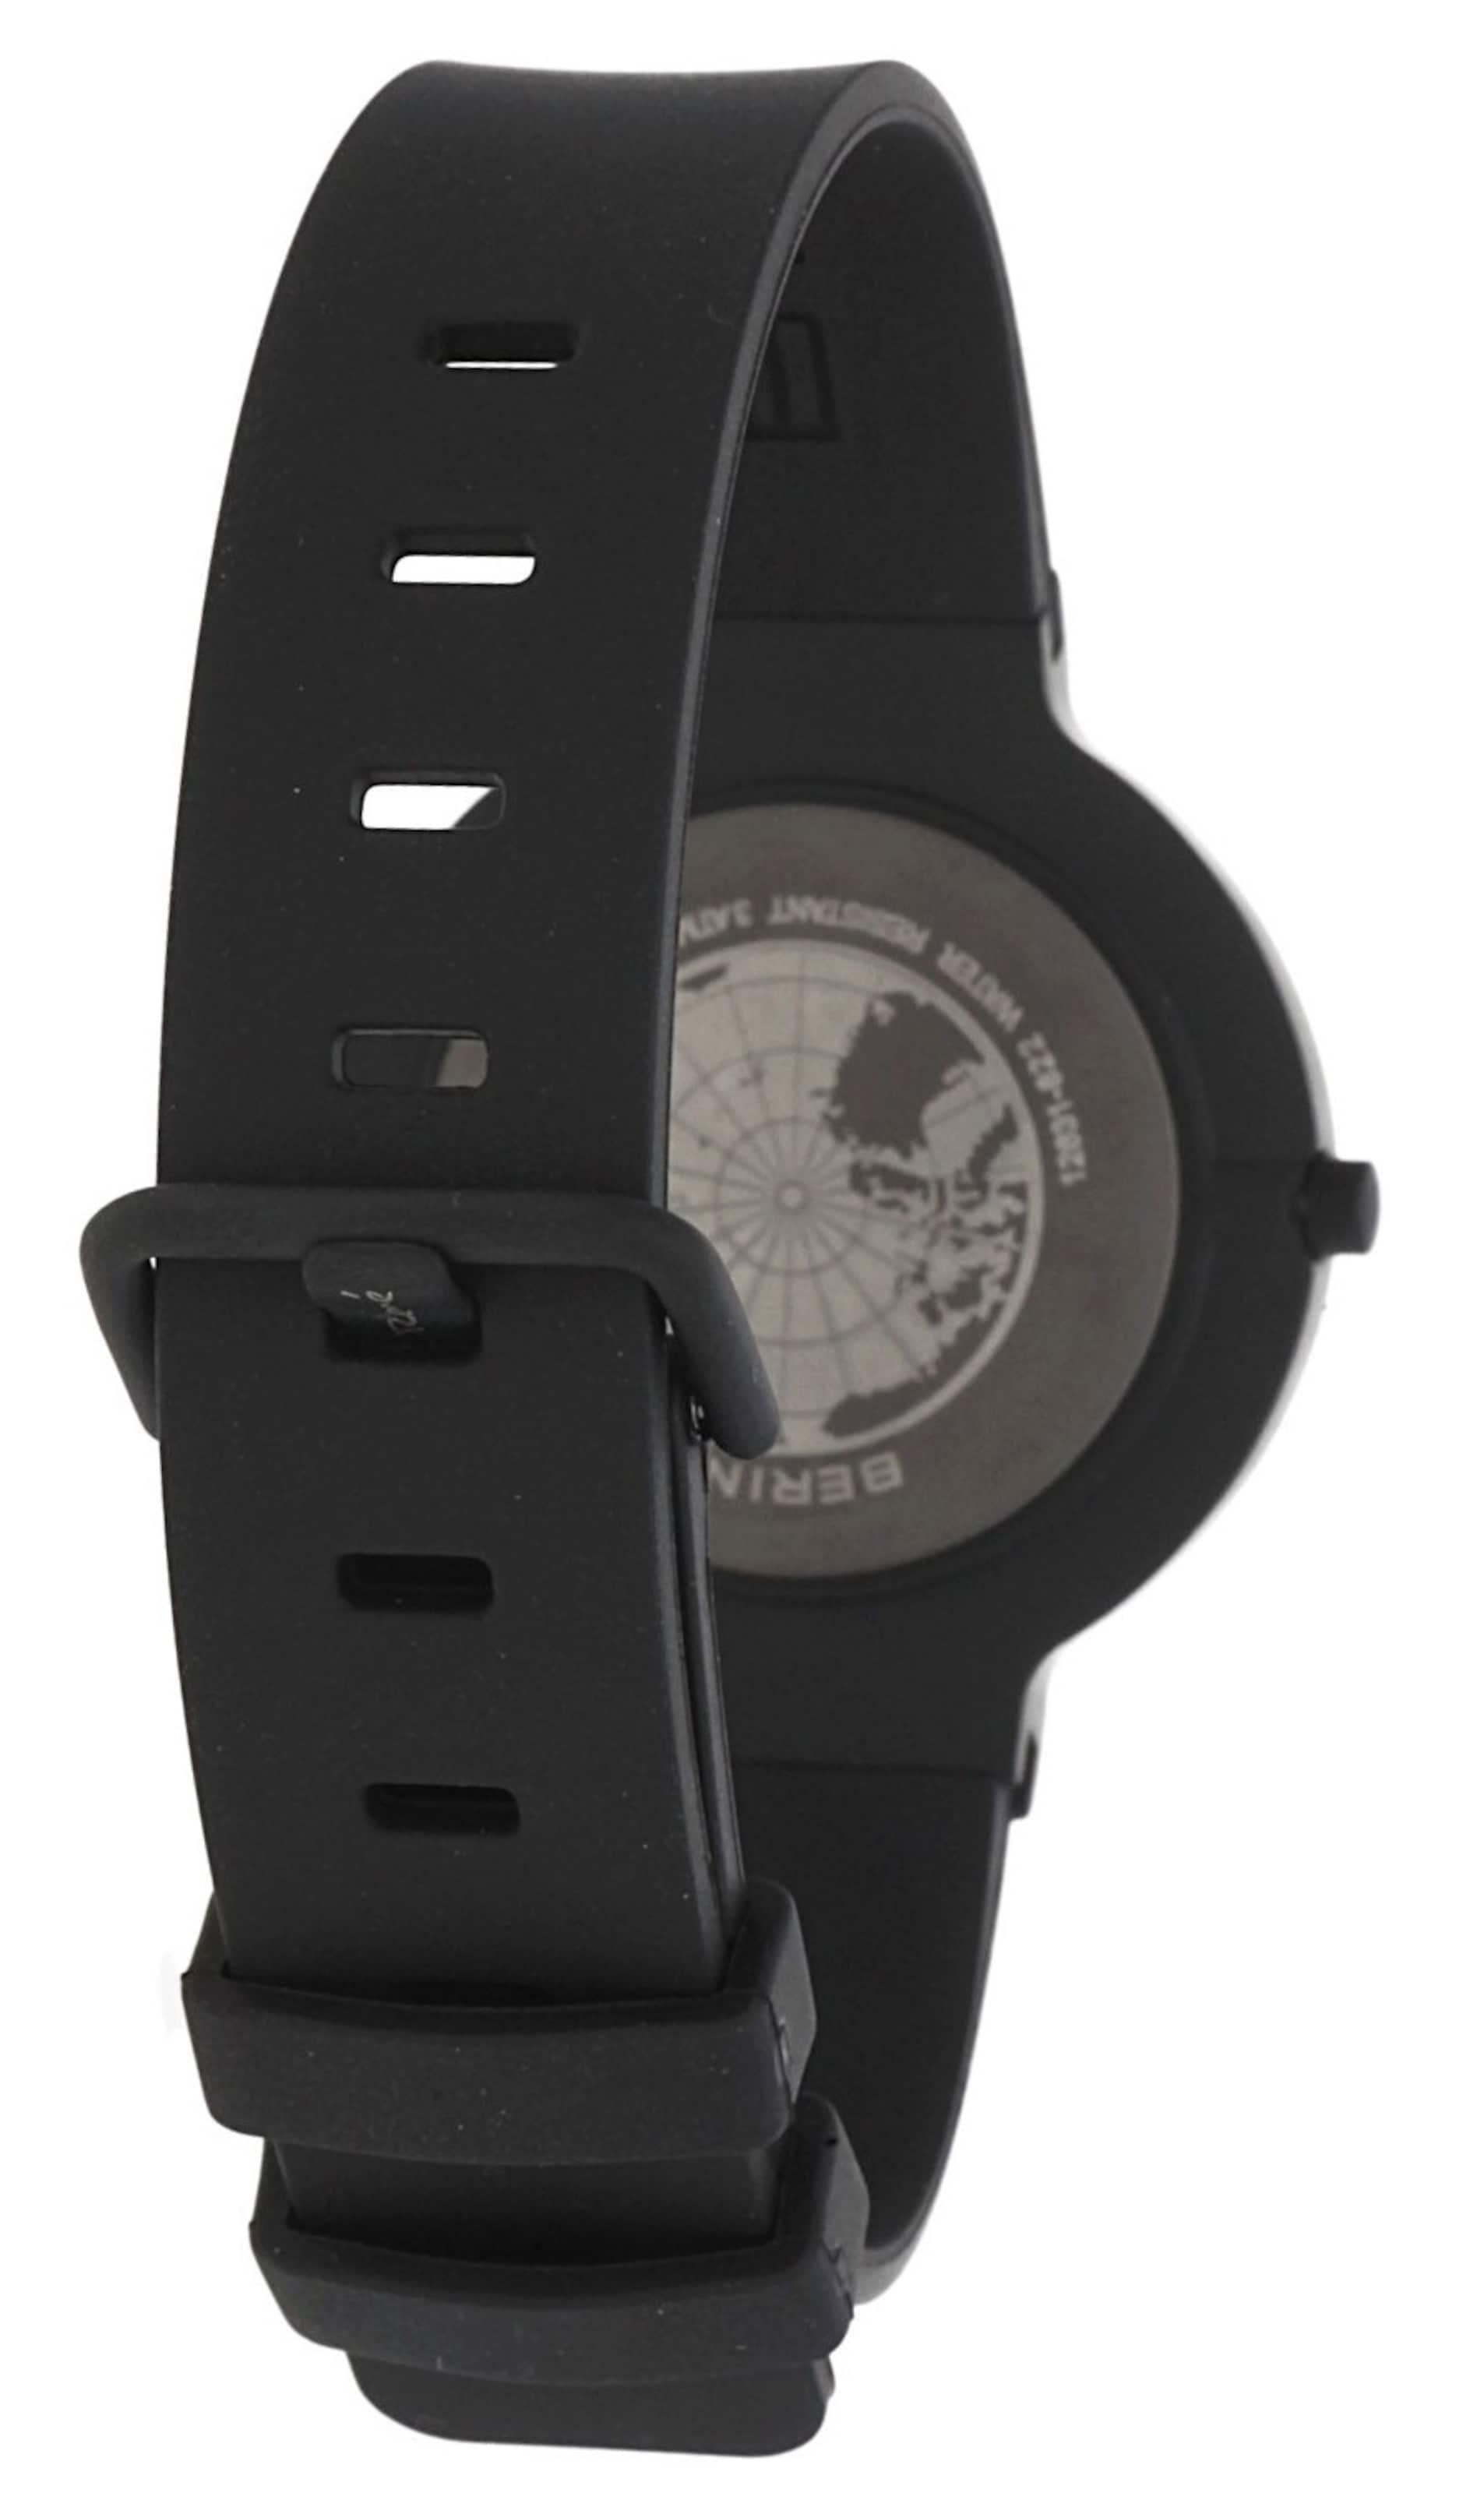 Freies Verschiffen Finish Billig Verkauf Ausgezeichnet BERING Armbanduhr 12631-822 Erstaunlicher Preis Von Freiem Verschiffen Des Porzellans 4nwrjT5XX